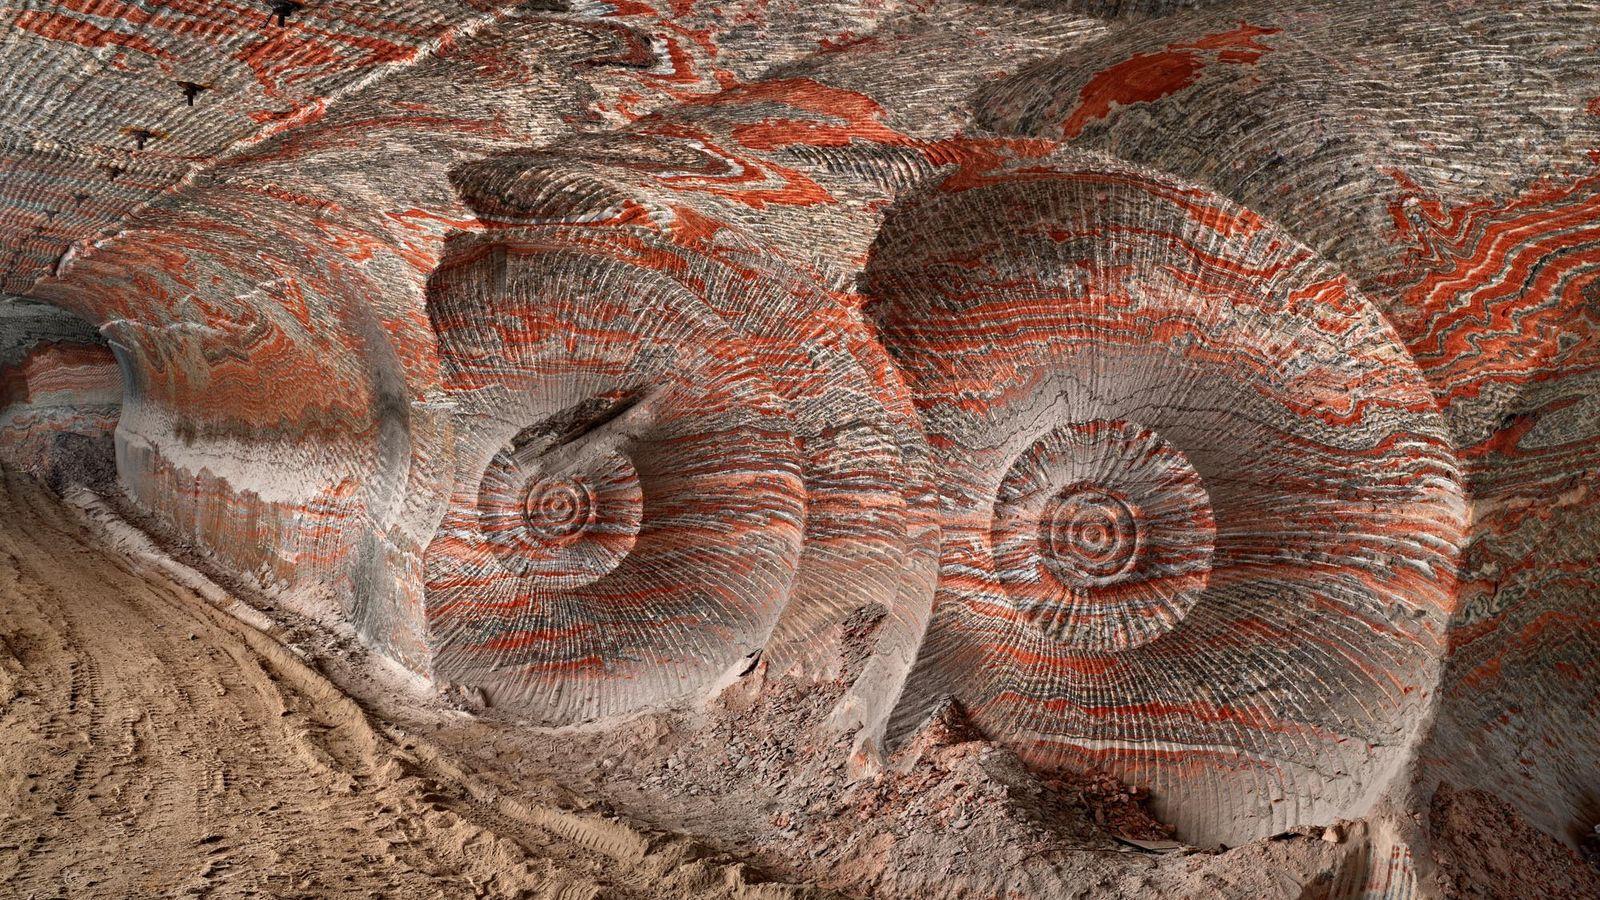 Cette photographie est extraite du projet d'Edward Burtynsky sur l'Anthropocène, qu'il décrit comme l'empreinte complexe et ...